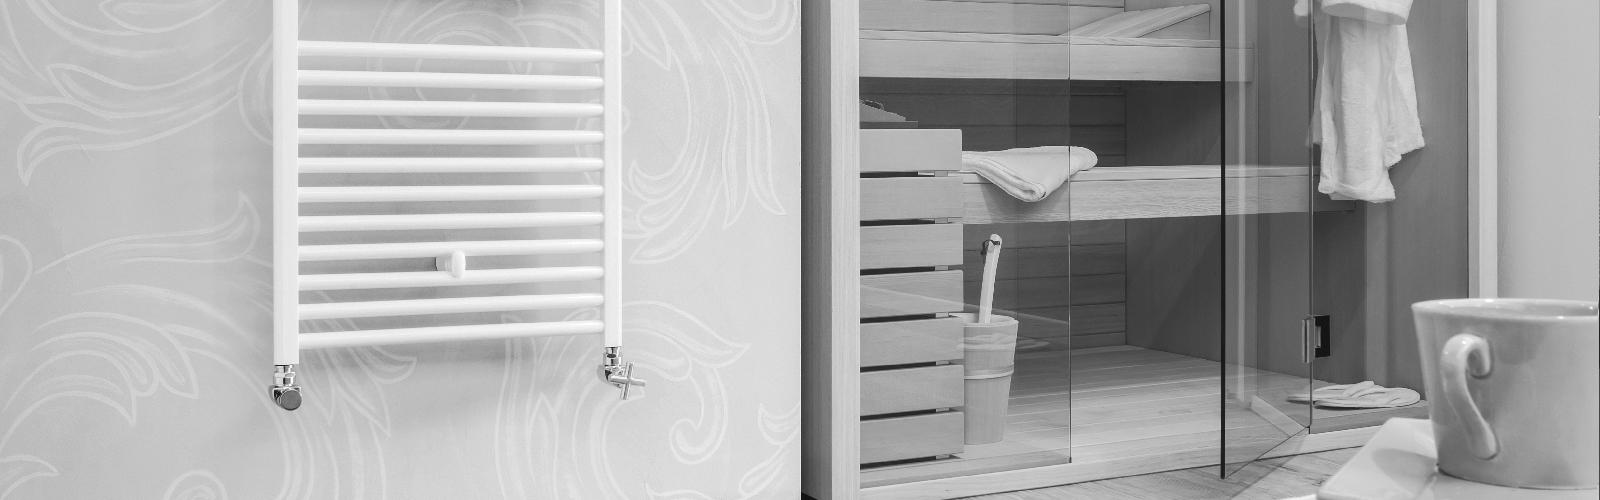 Hermoso radiadores para ba o im genes radiador toallero for Artefactos electricos para banos